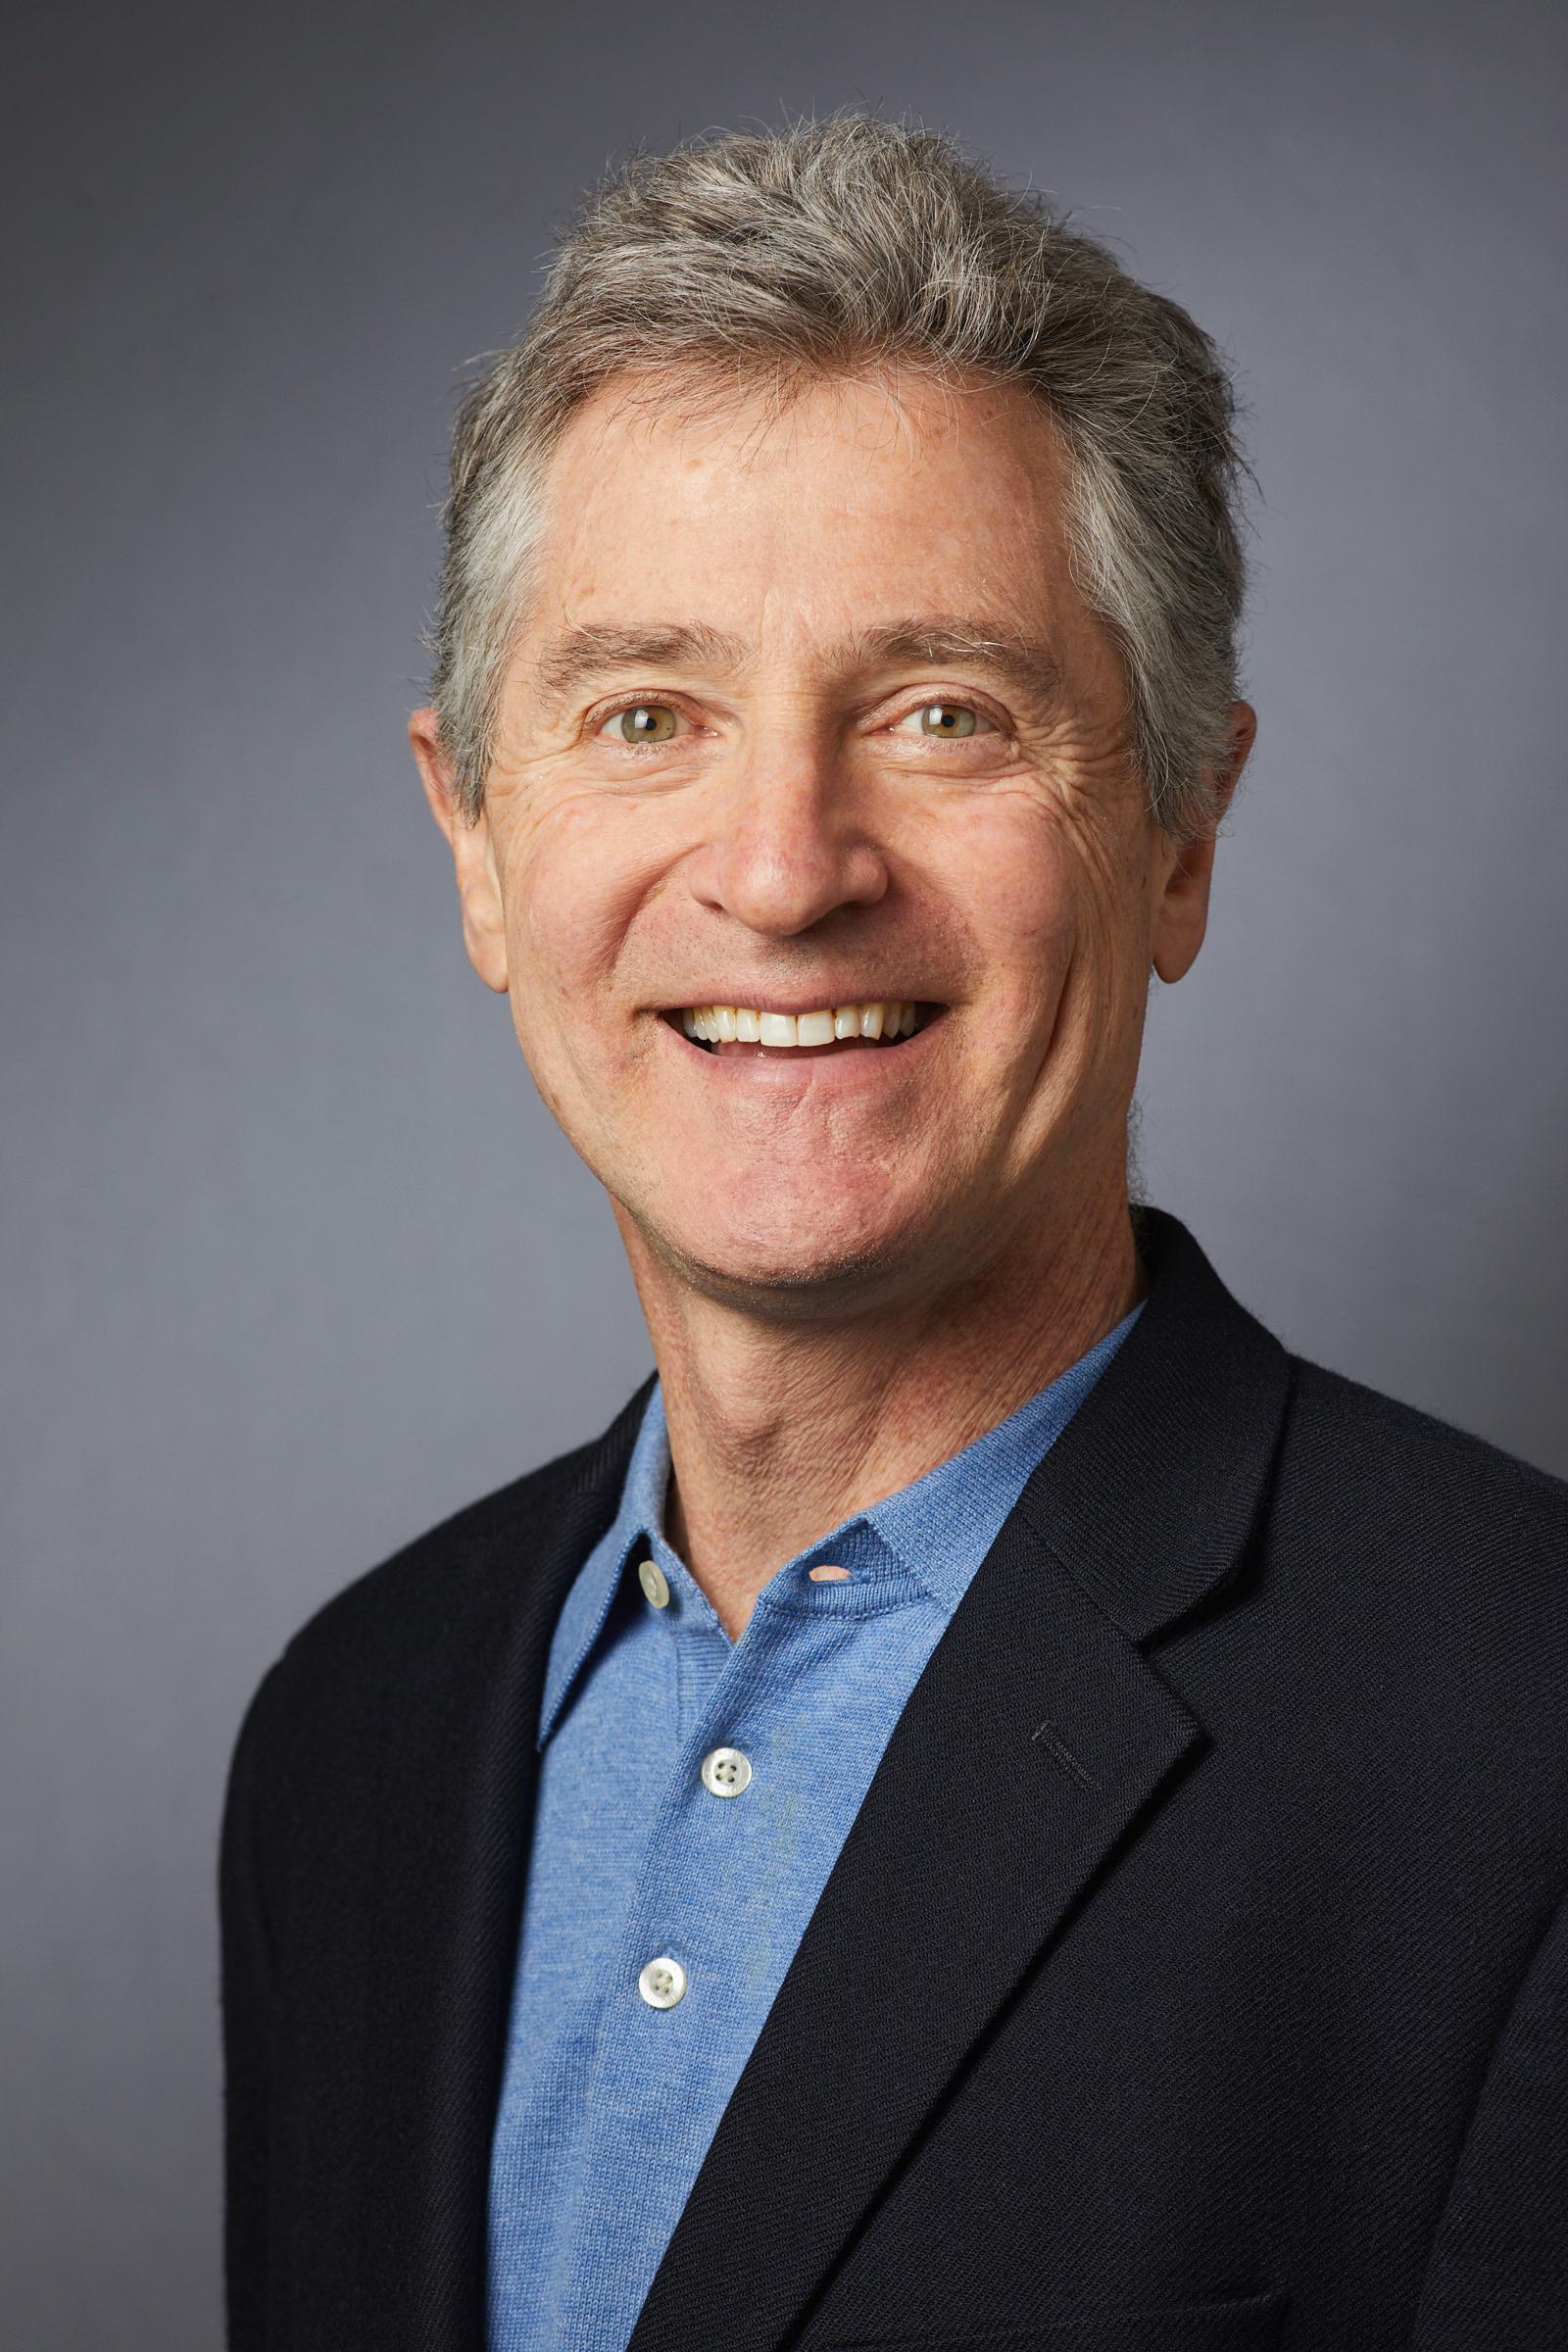 Robert M. Bond